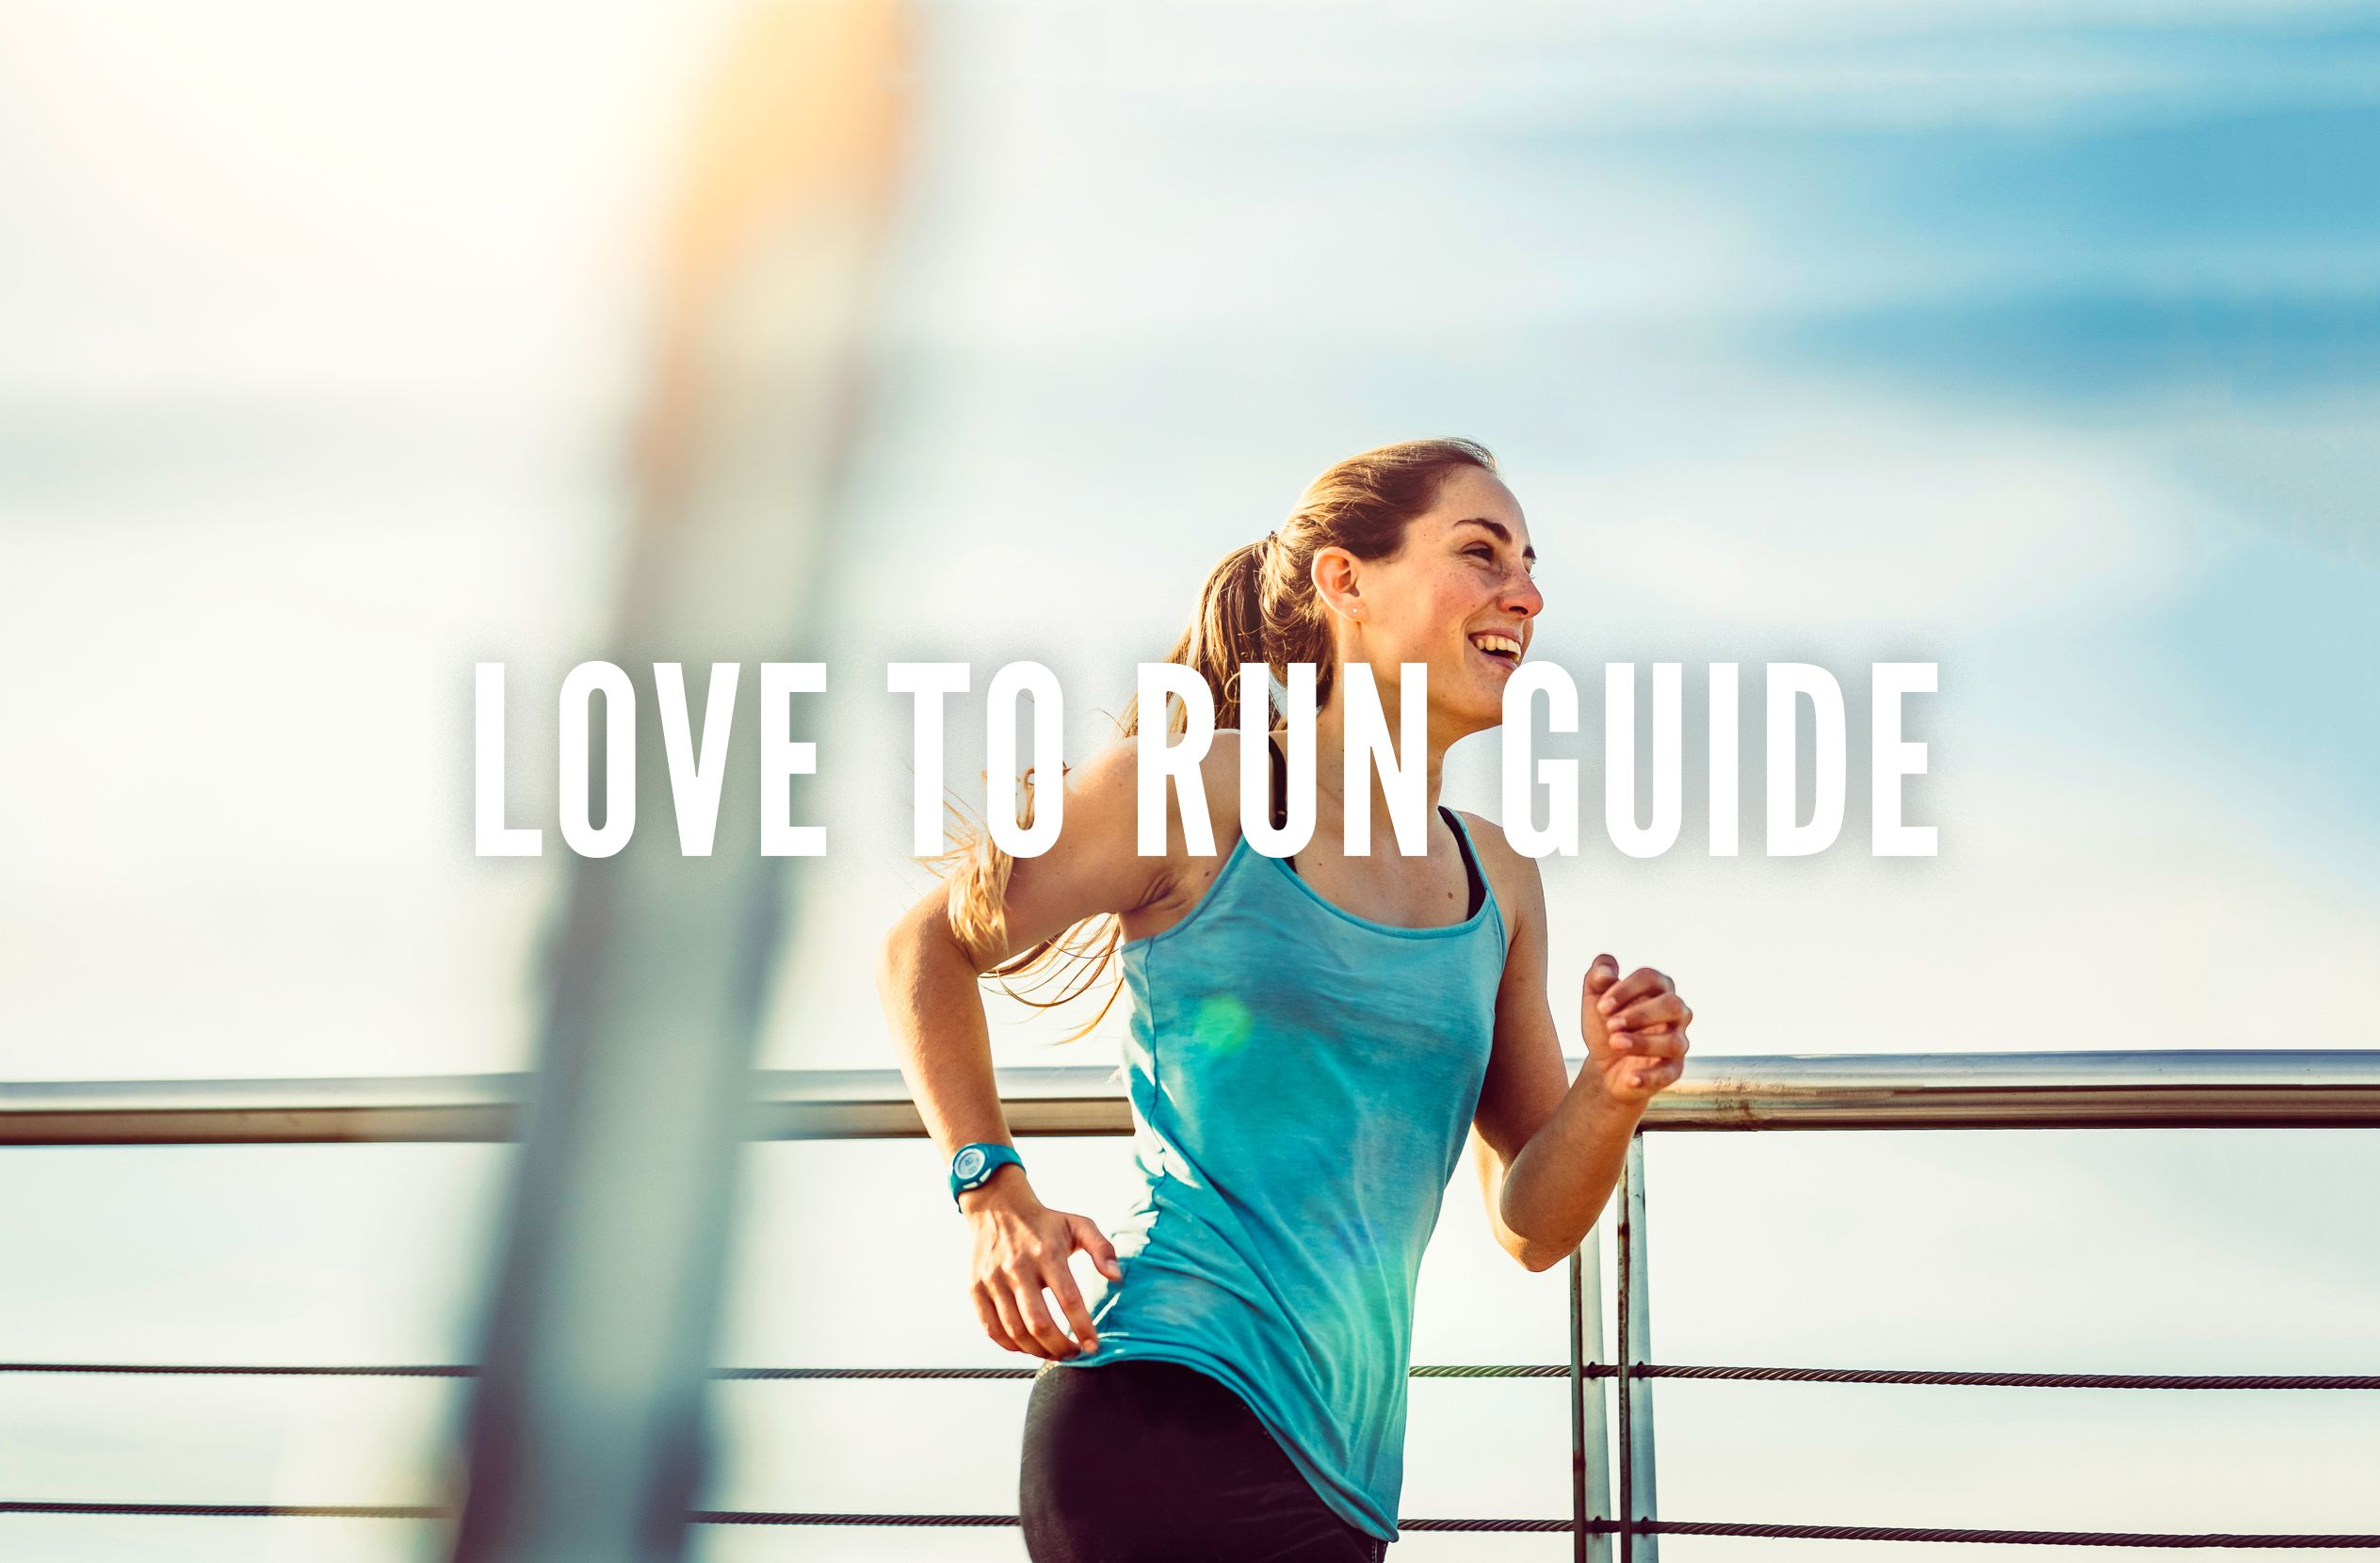 Amateur running schedule